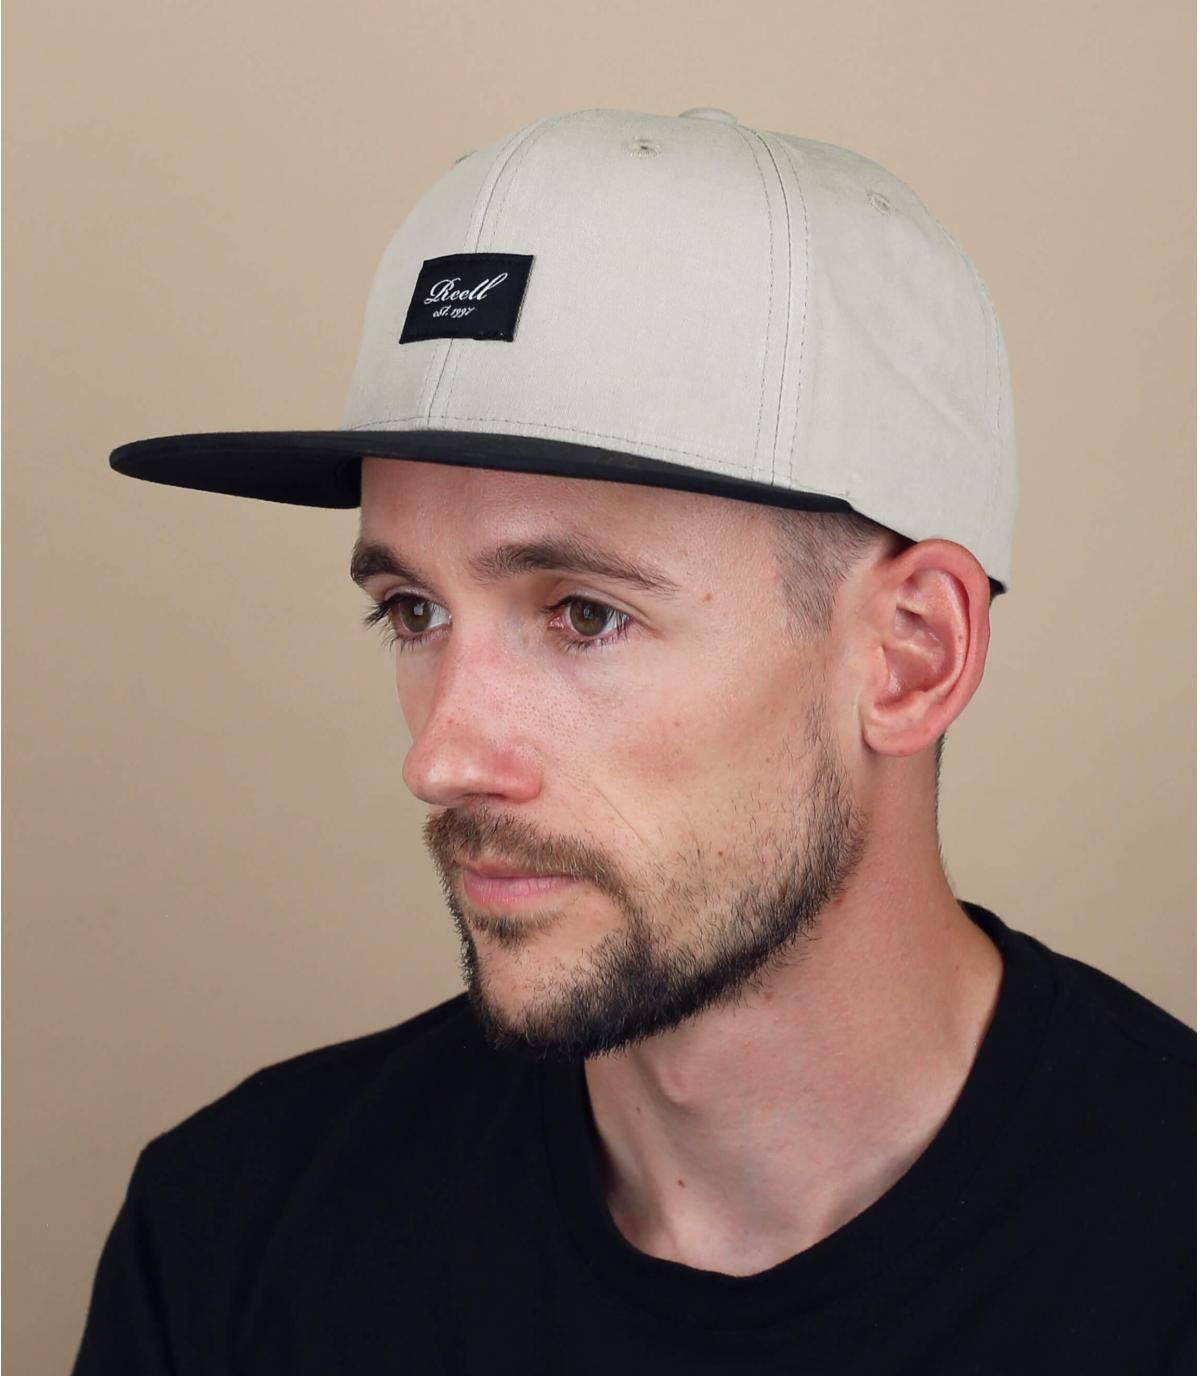 bruine Reell cap